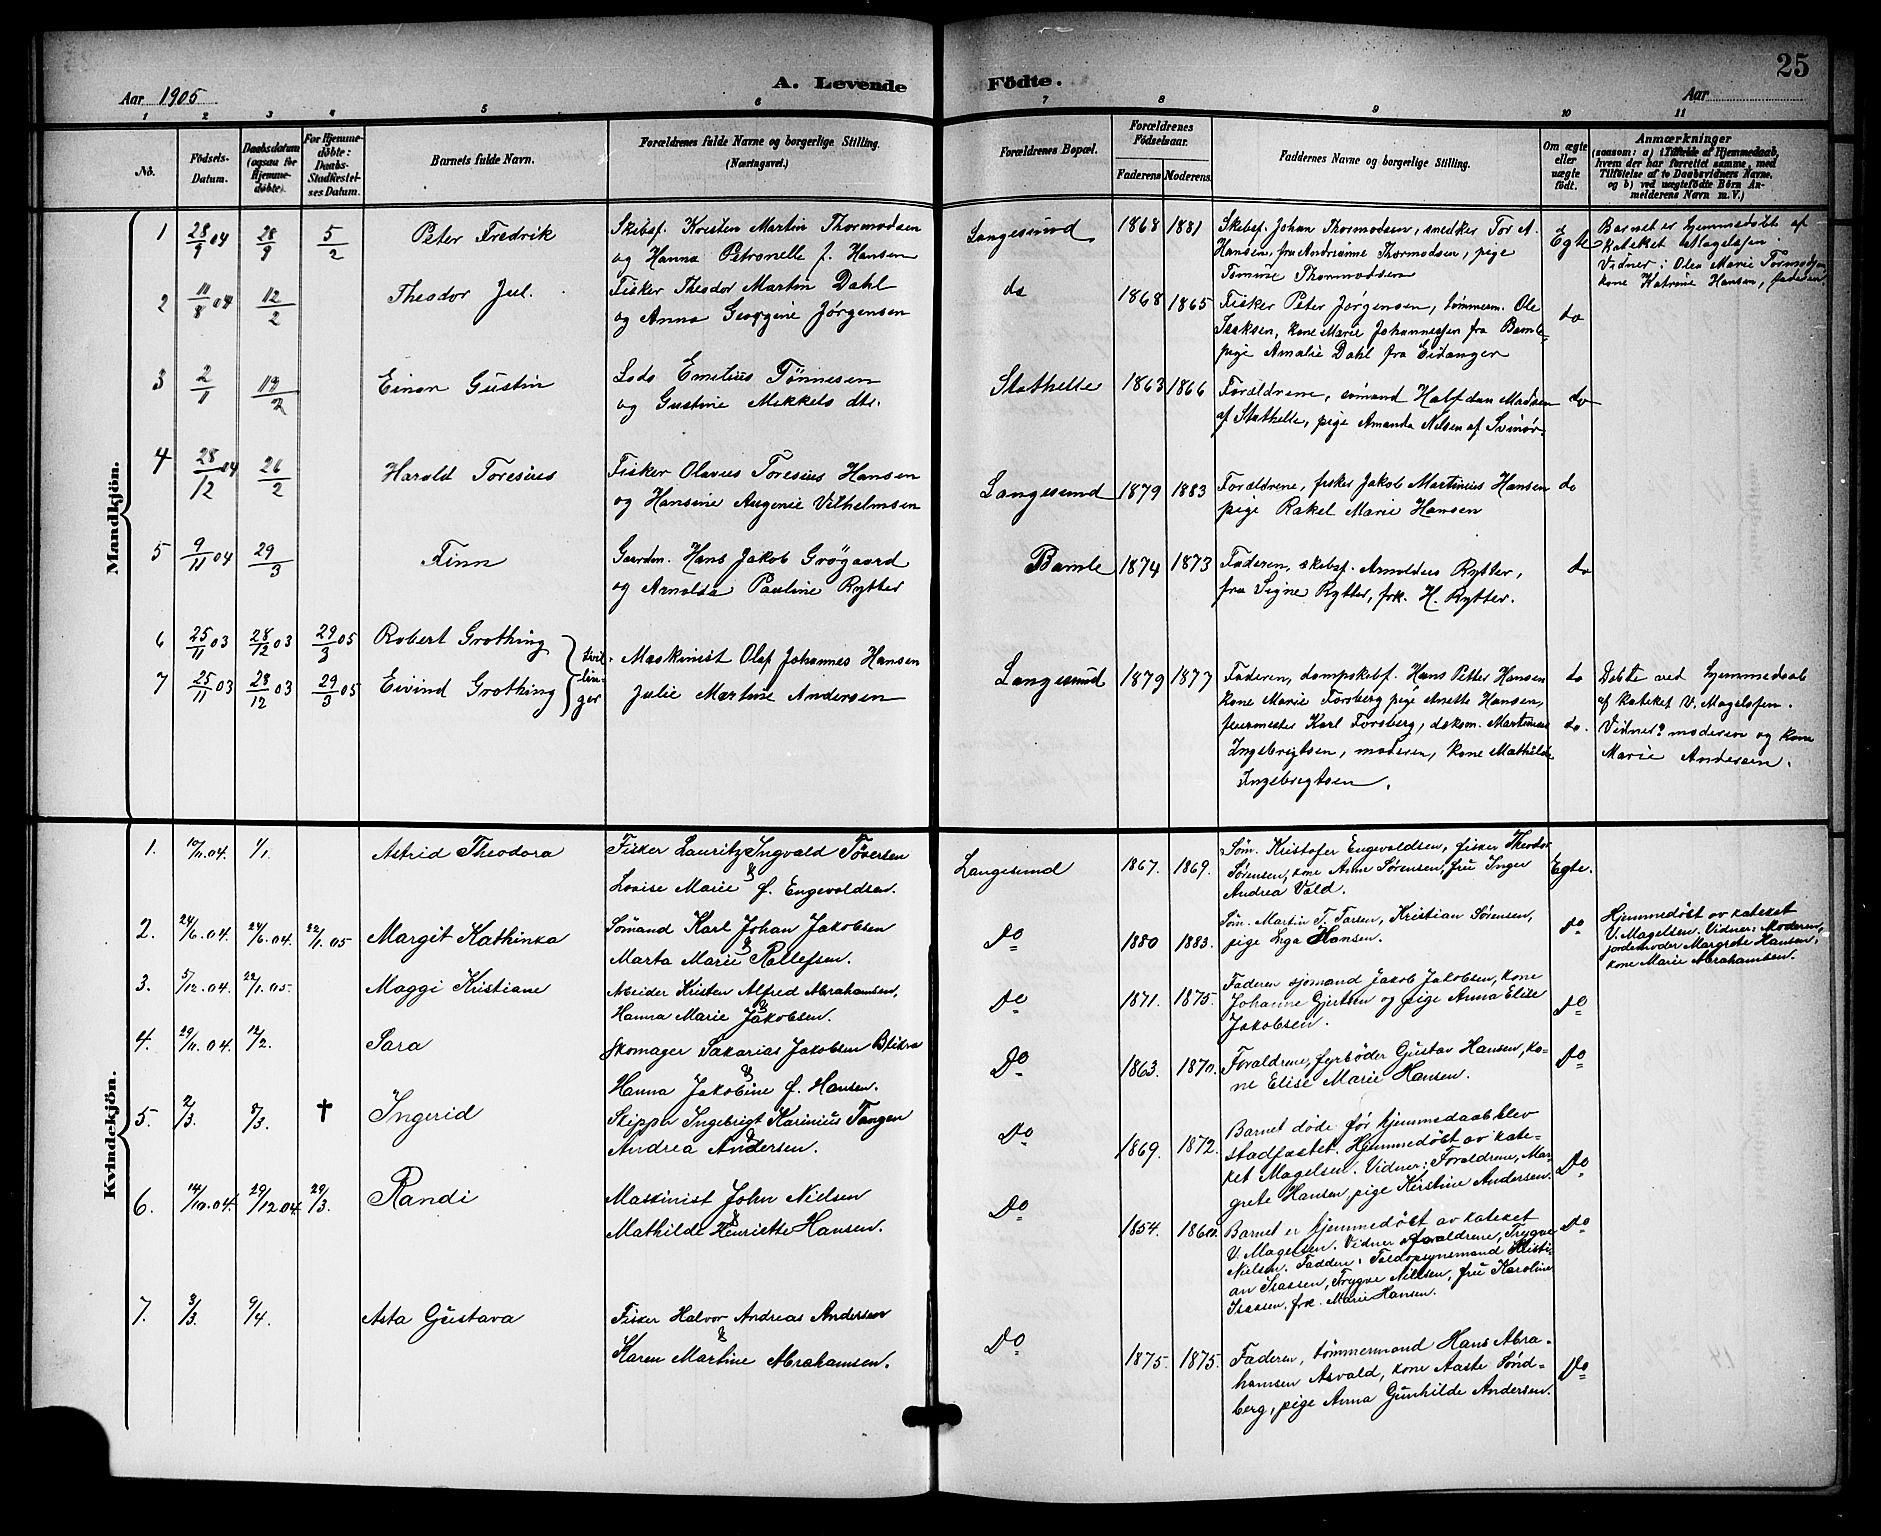 SAKO, Langesund kirkebøker, G/Ga/L0006: Klokkerbok nr. 6, 1899-1918, s. 25